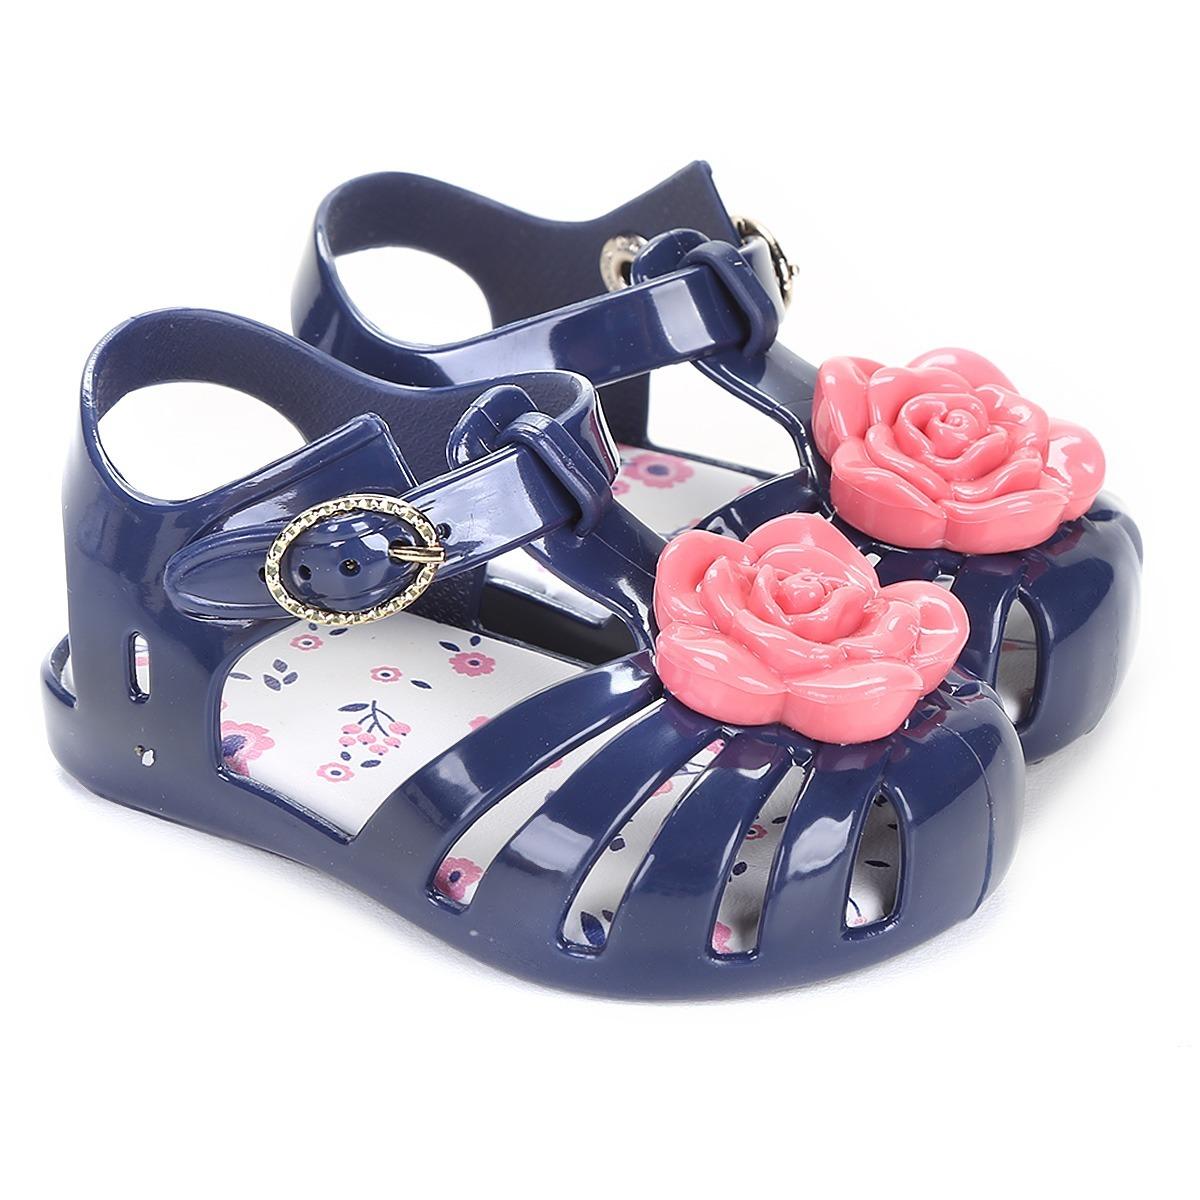 306e332bb sandália pimpolho colorê flor rosa- tamanho 18 - meninas. Carregando zoom.